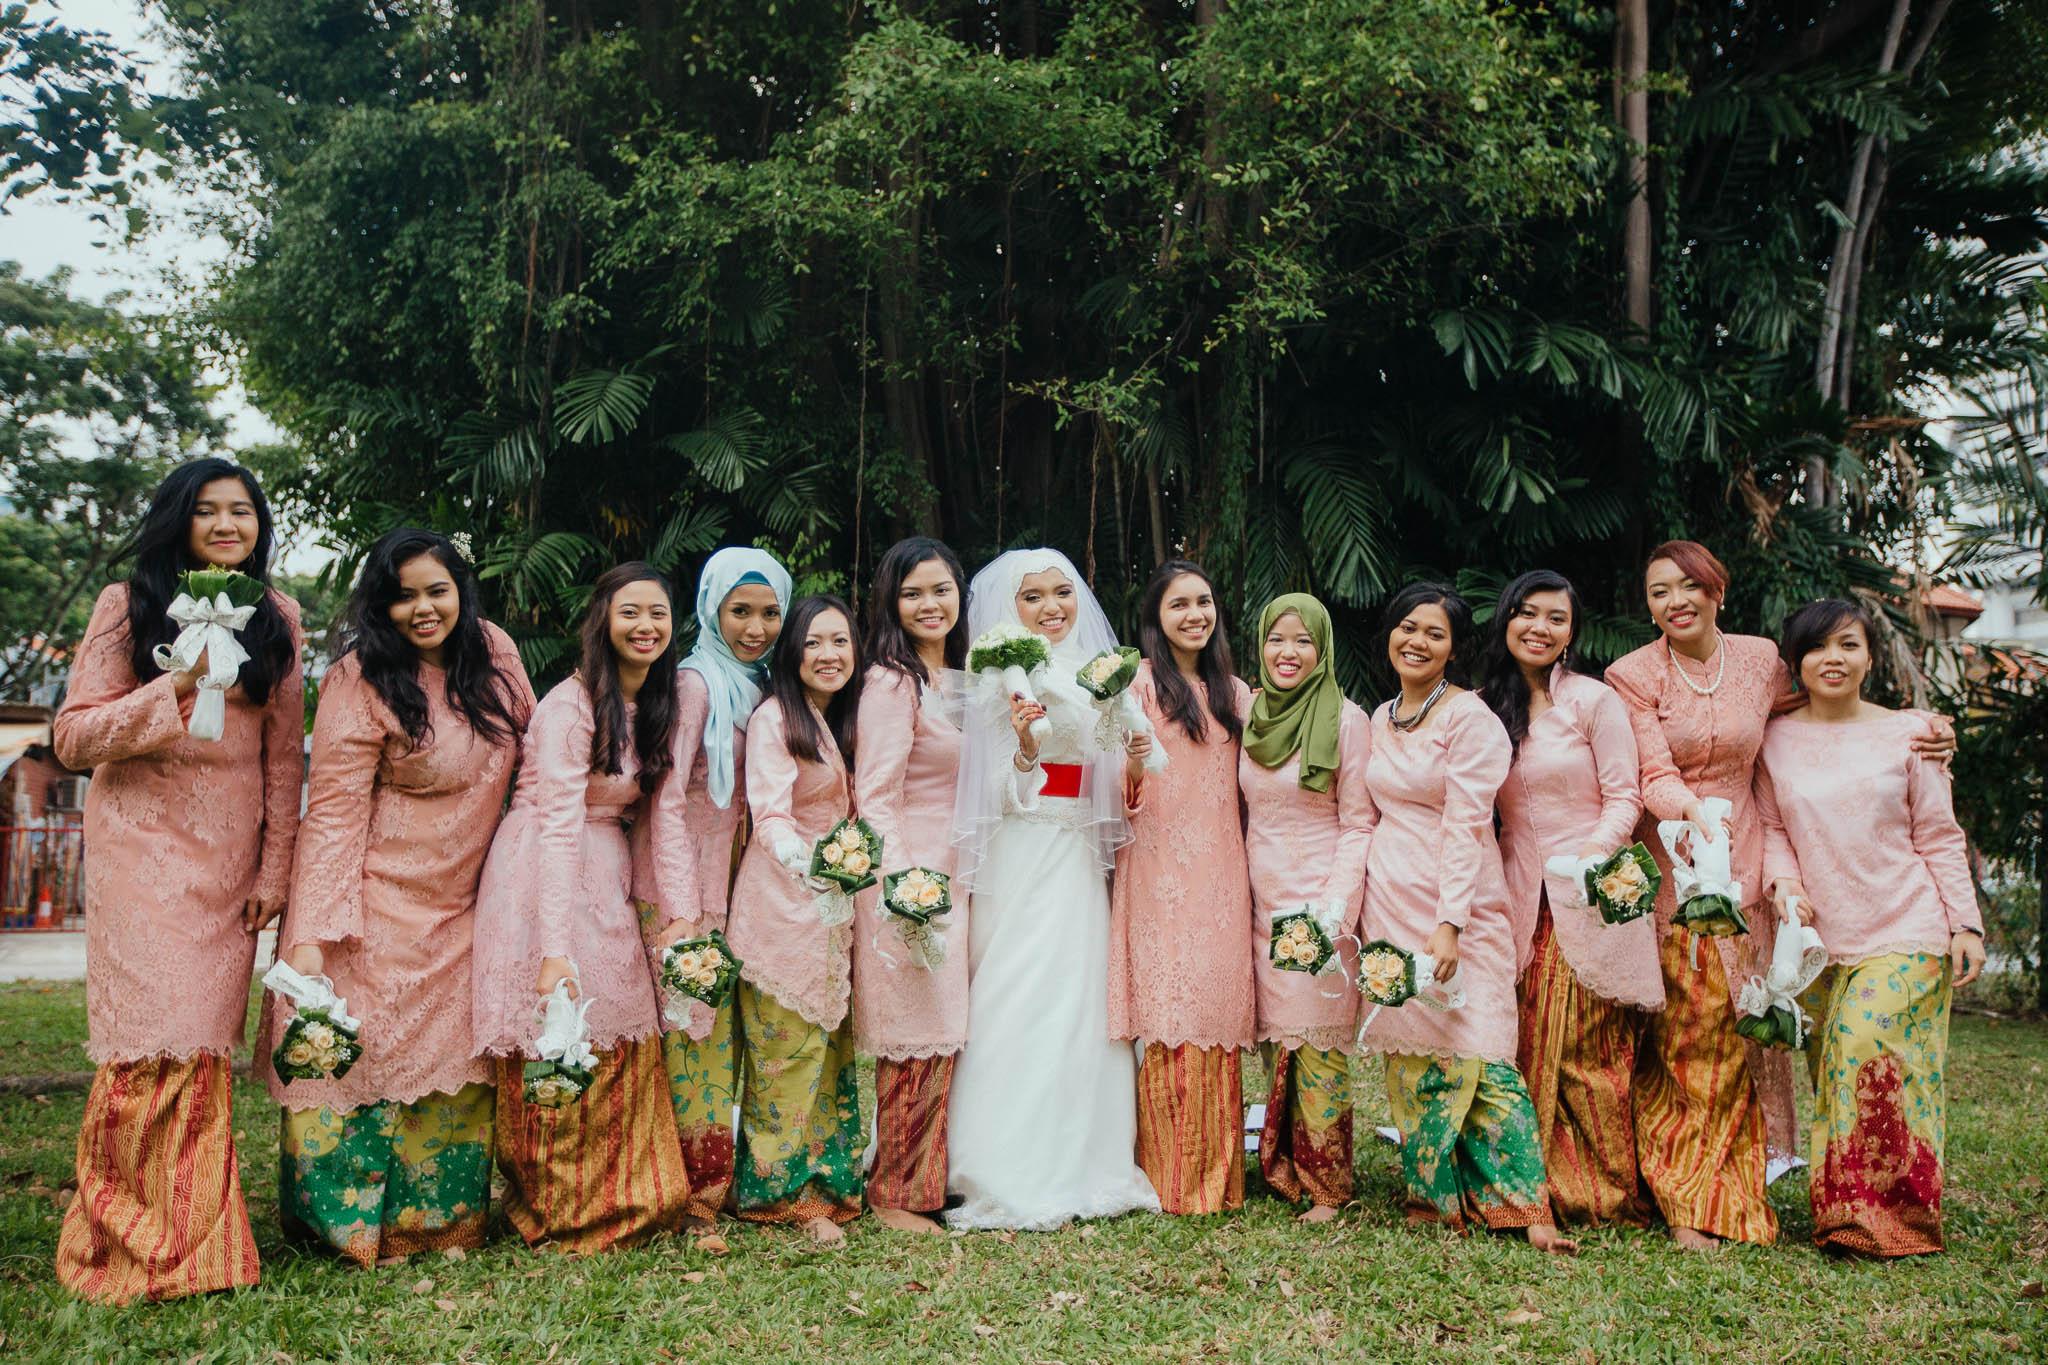 singapore-wedding-photographer-travel-wemadethese-atara-hafizah-65.jpg